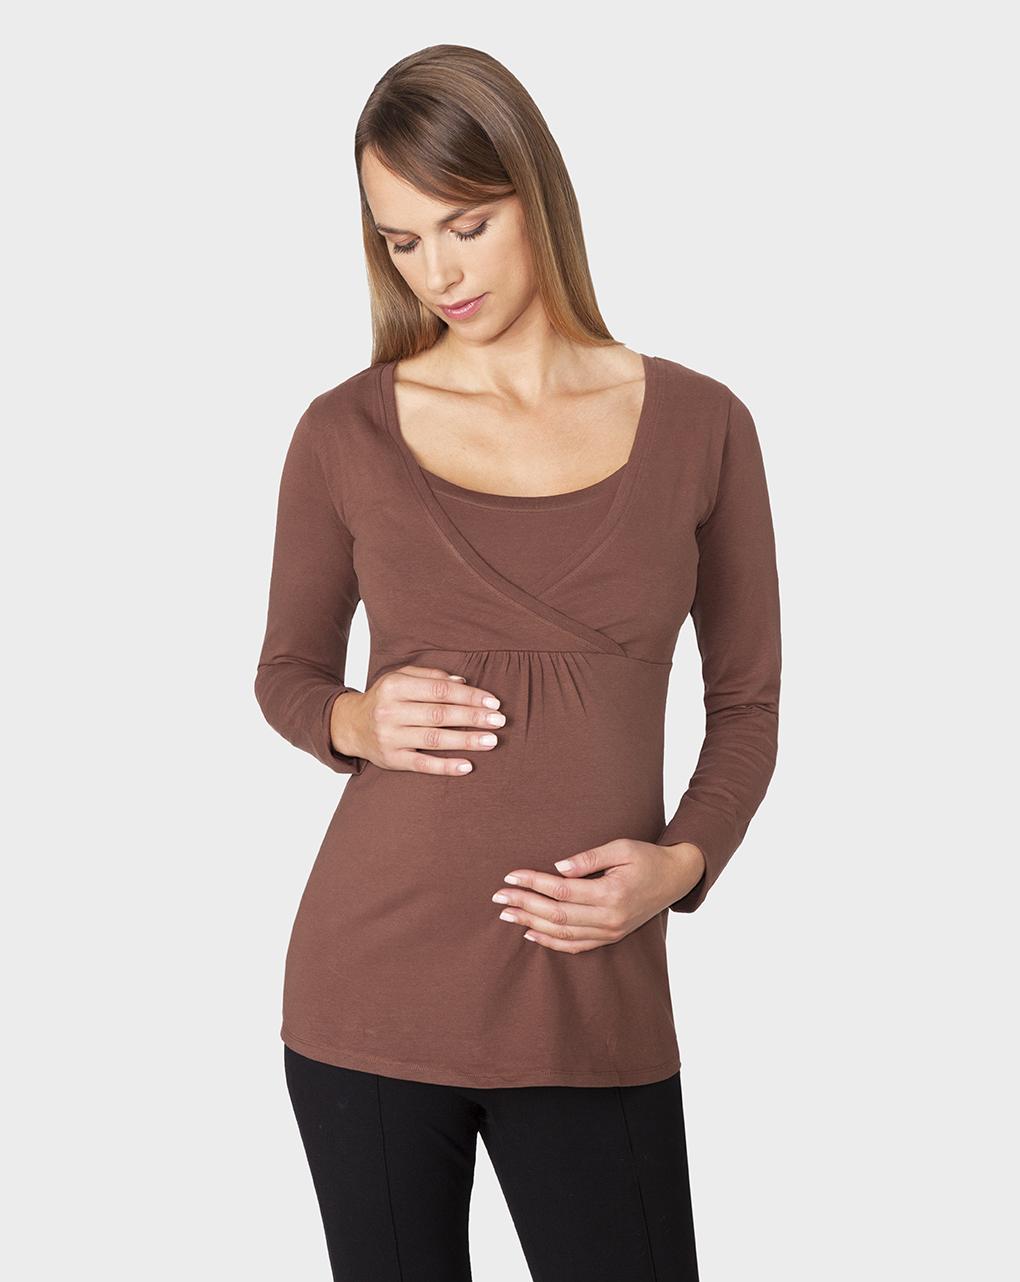 Γυναικείο T-shirt Θηλασμού Καφέ